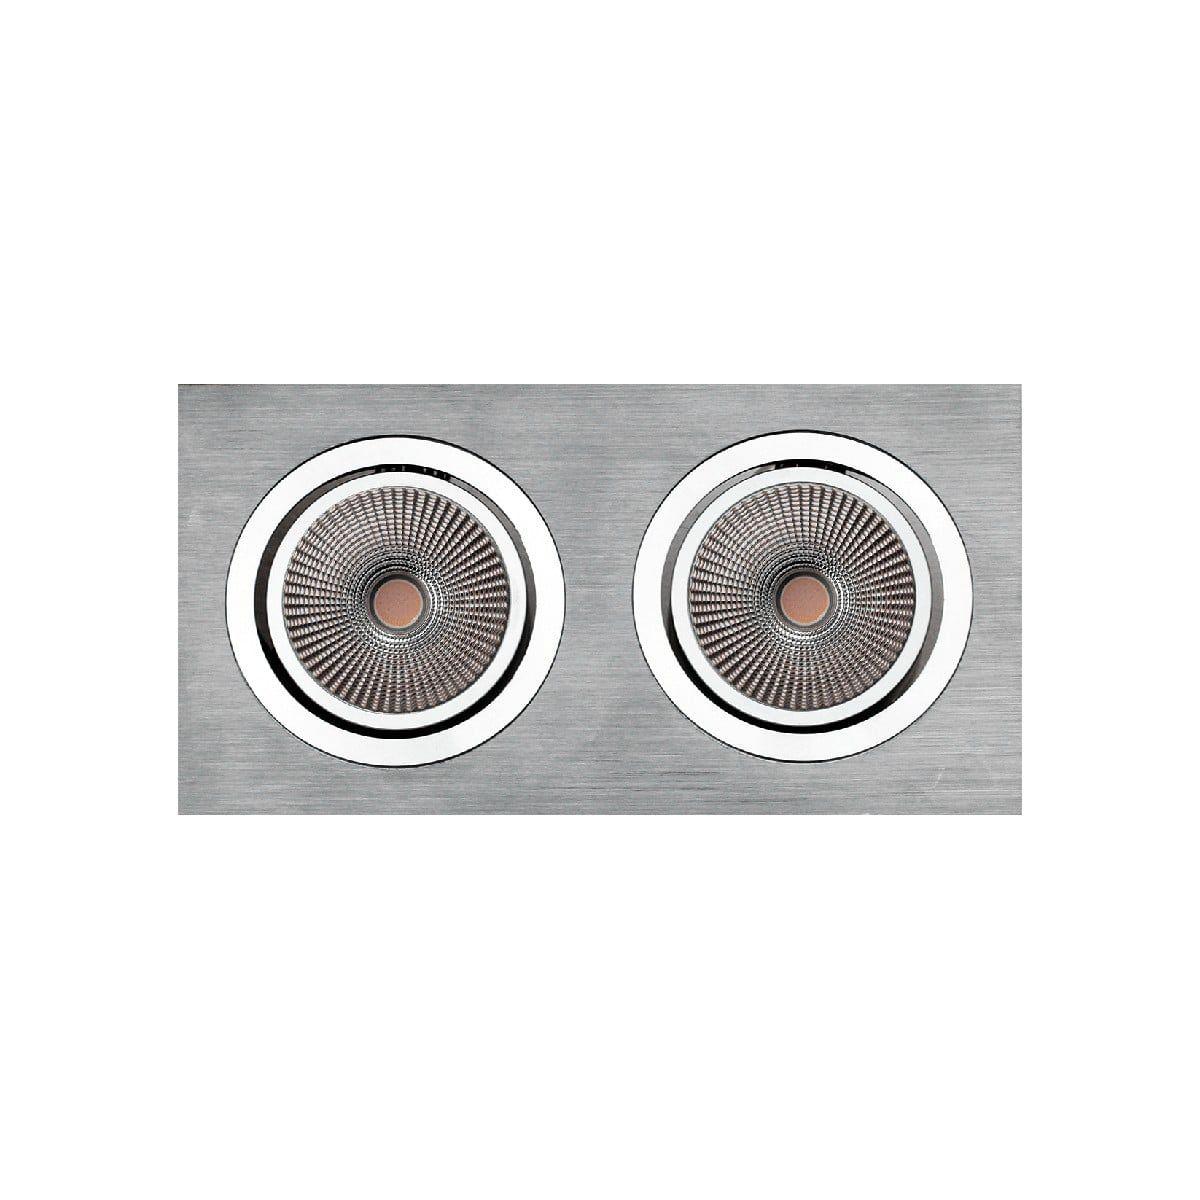 Kronleuchter Landhaus Weiss Nachttischleuchte Turkis Wandlampe Mit Schalter Retro Wandleuchte Indirekt In 2020 Einbaustrahler Einbauleuchten Led Einbauleuchten